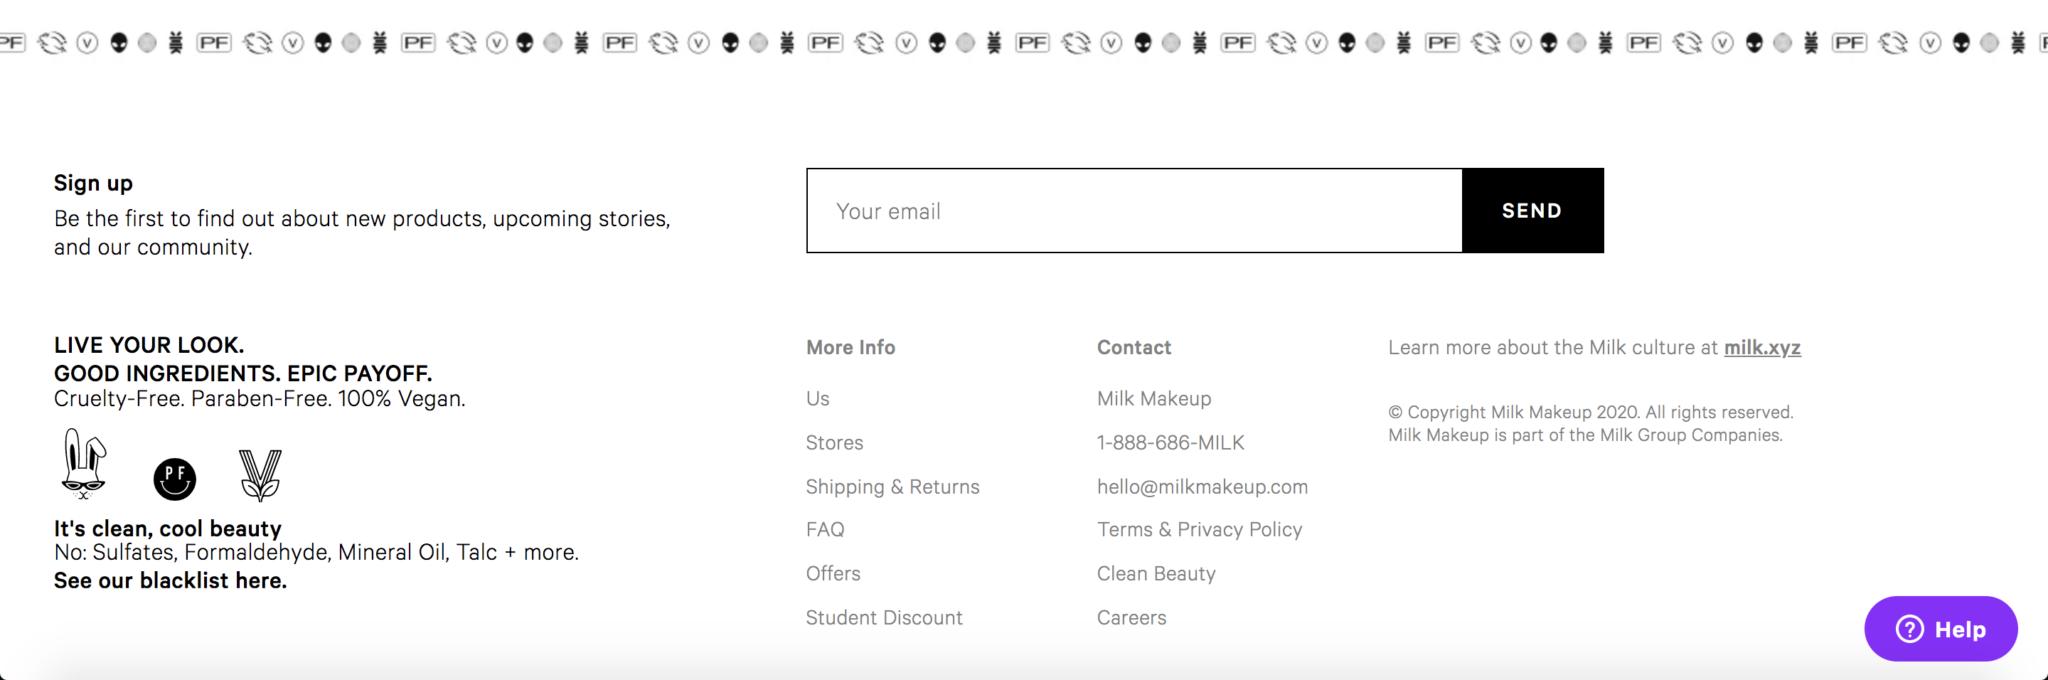 Milk Makeup Website Design